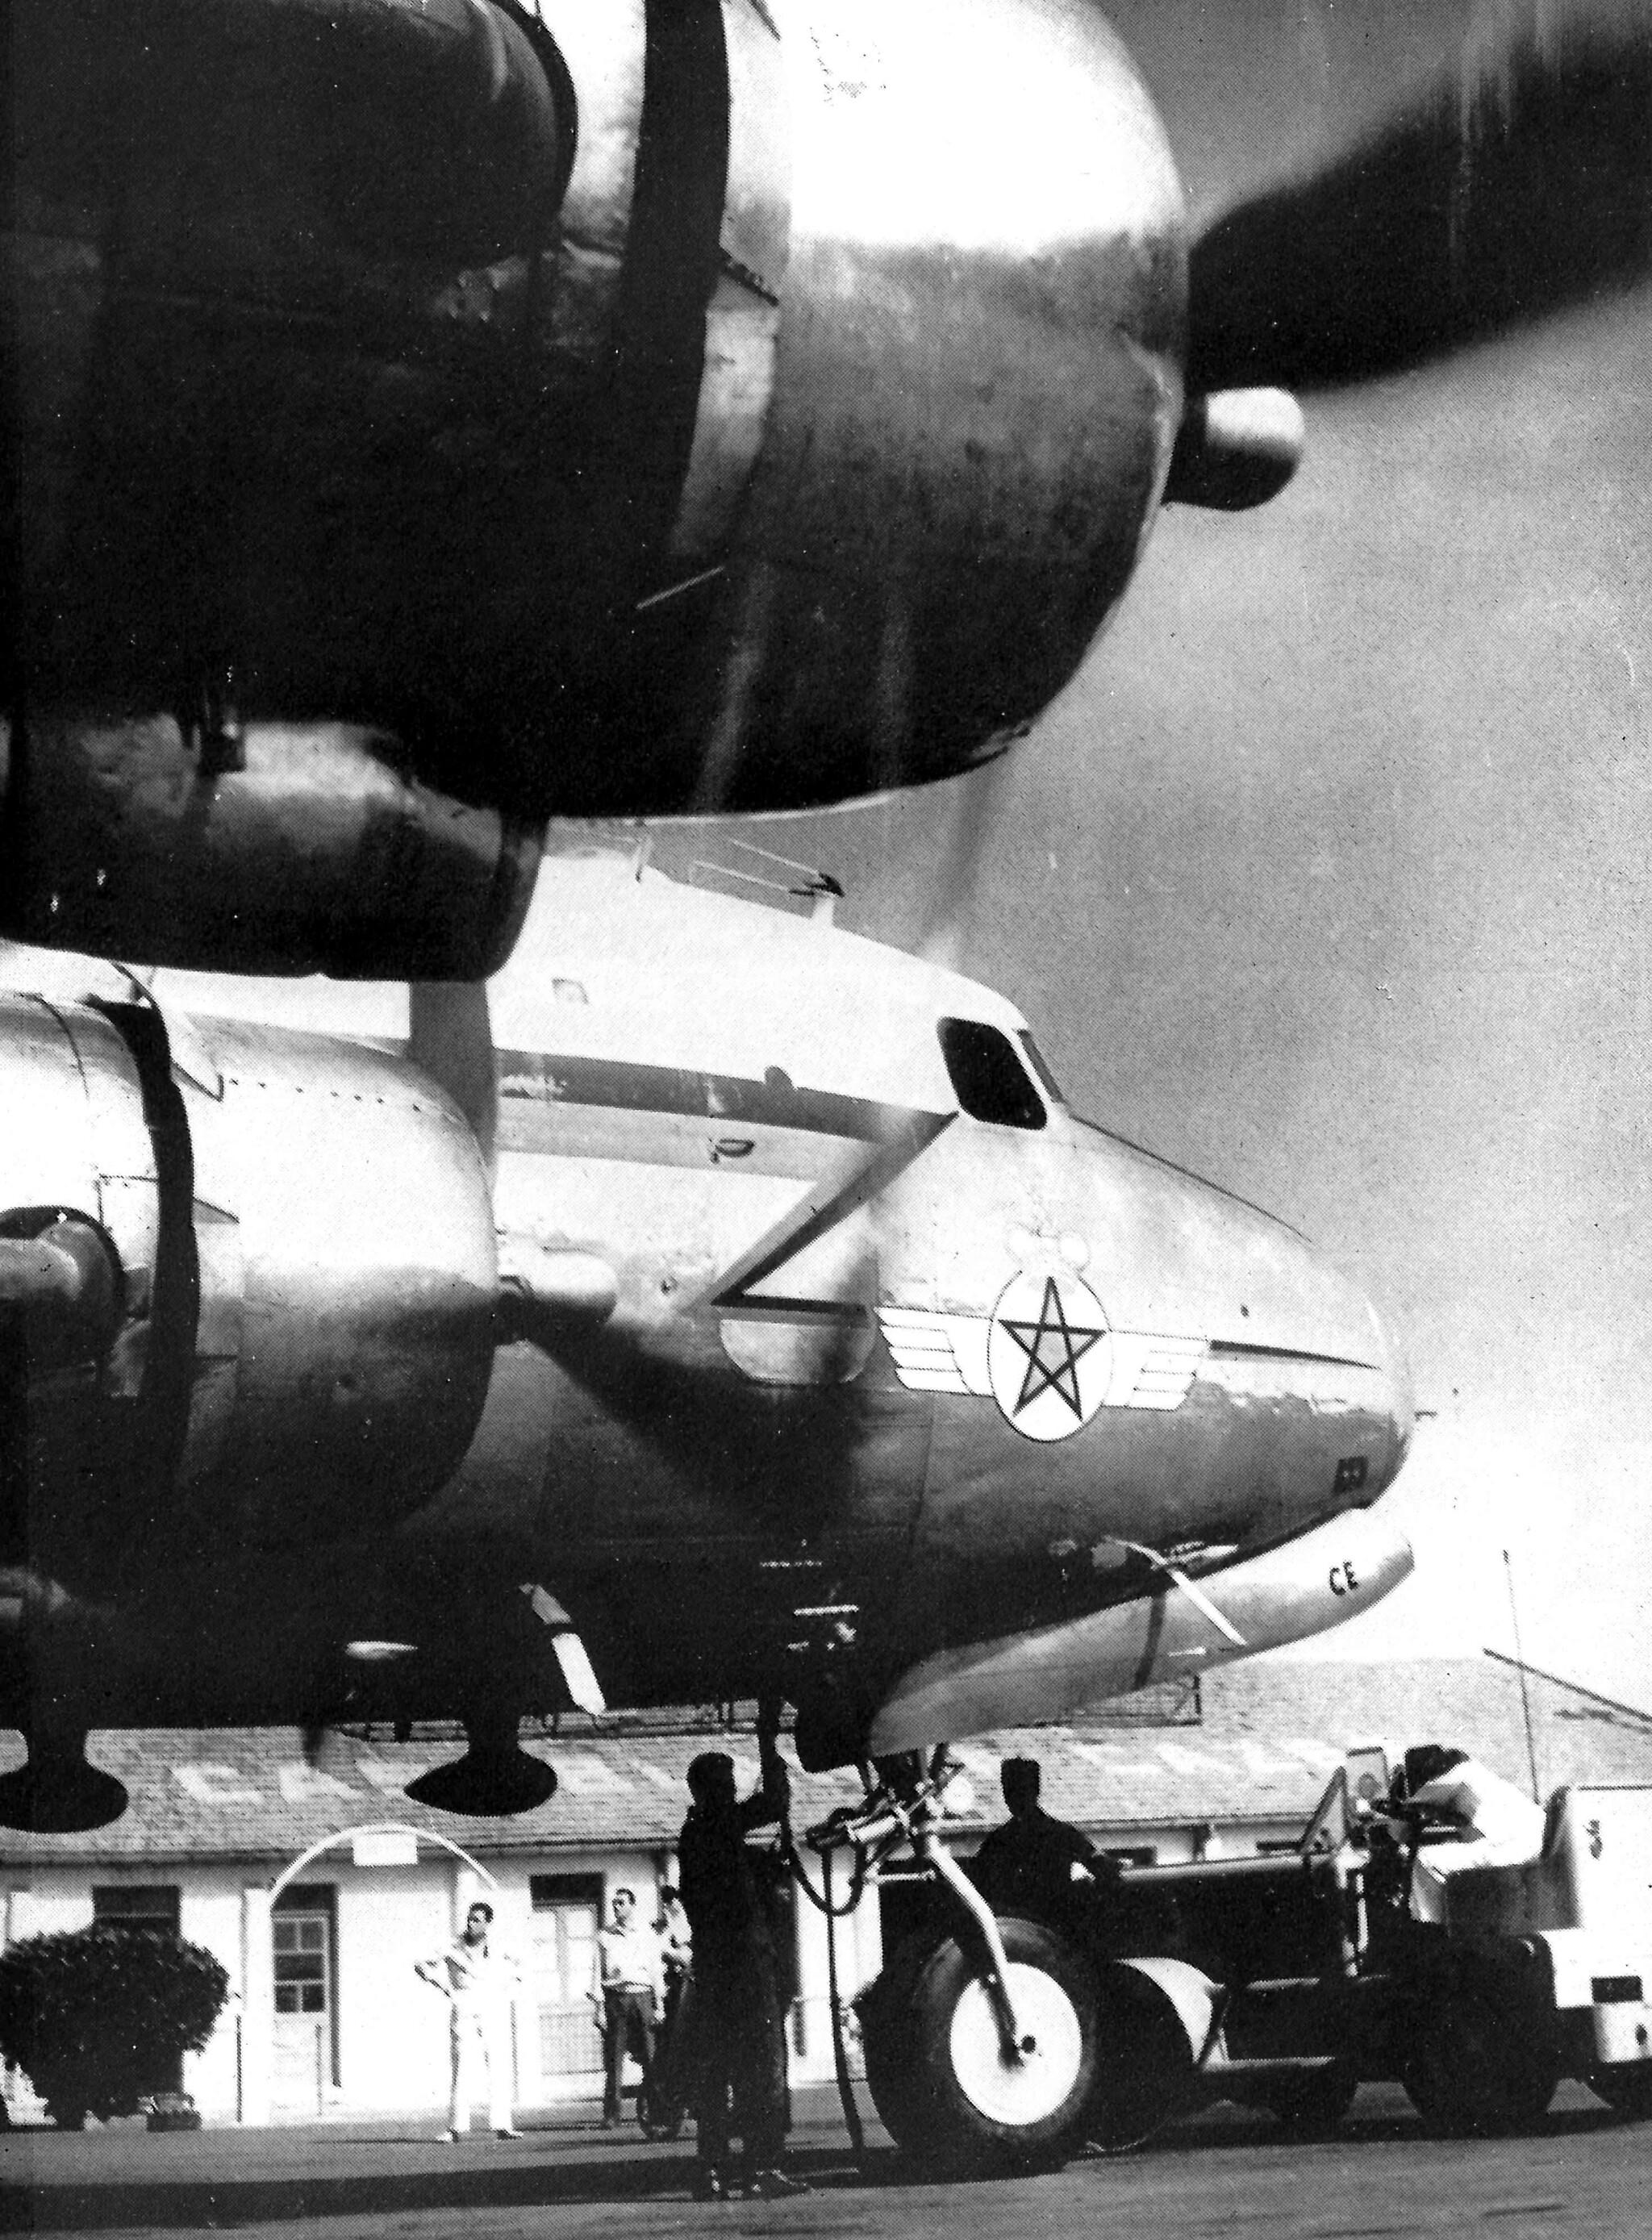 Anciens avions de la RAM - Page 4 48999529567_01a8fa060f_3k